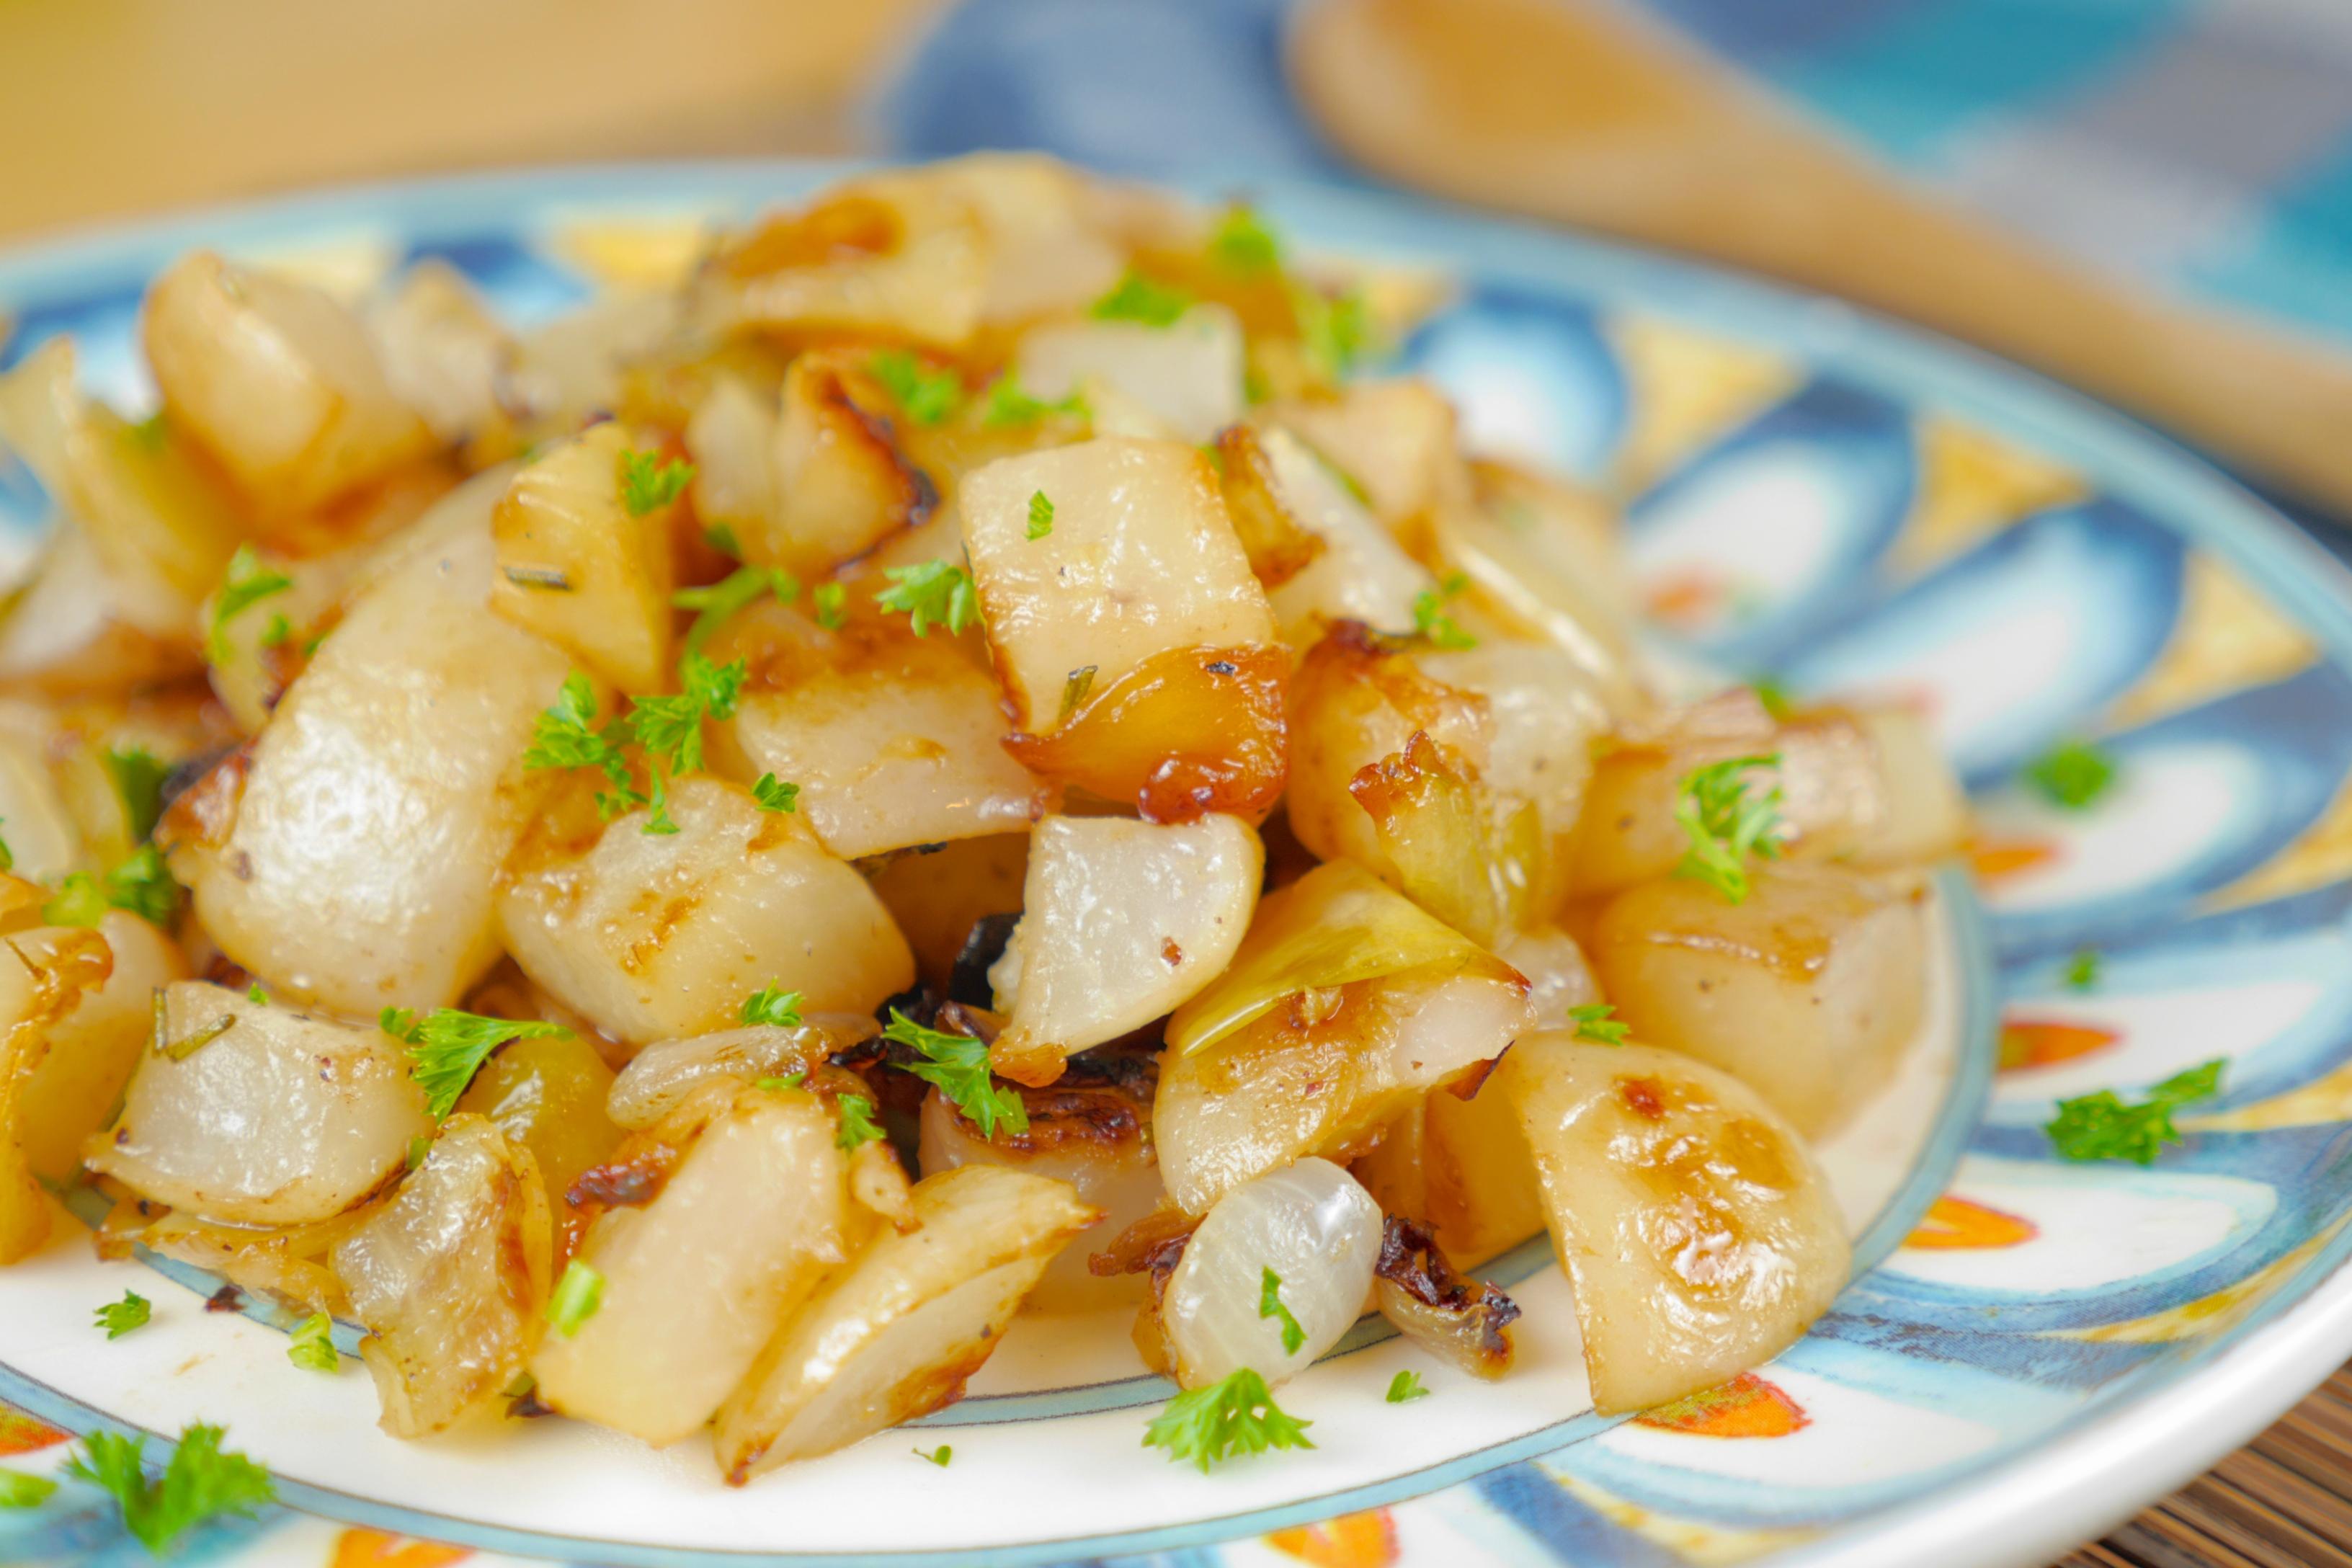 roasted turnipsa and onions